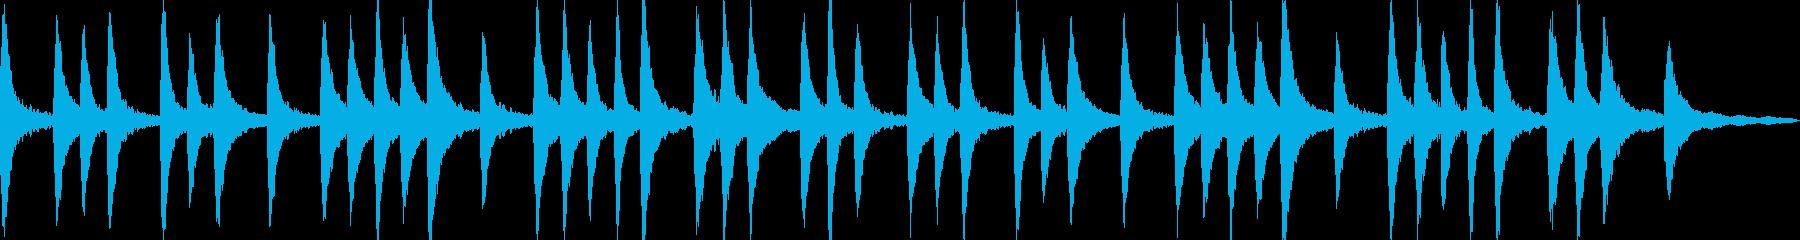 幻想的なピアノアンビエントの再生済みの波形